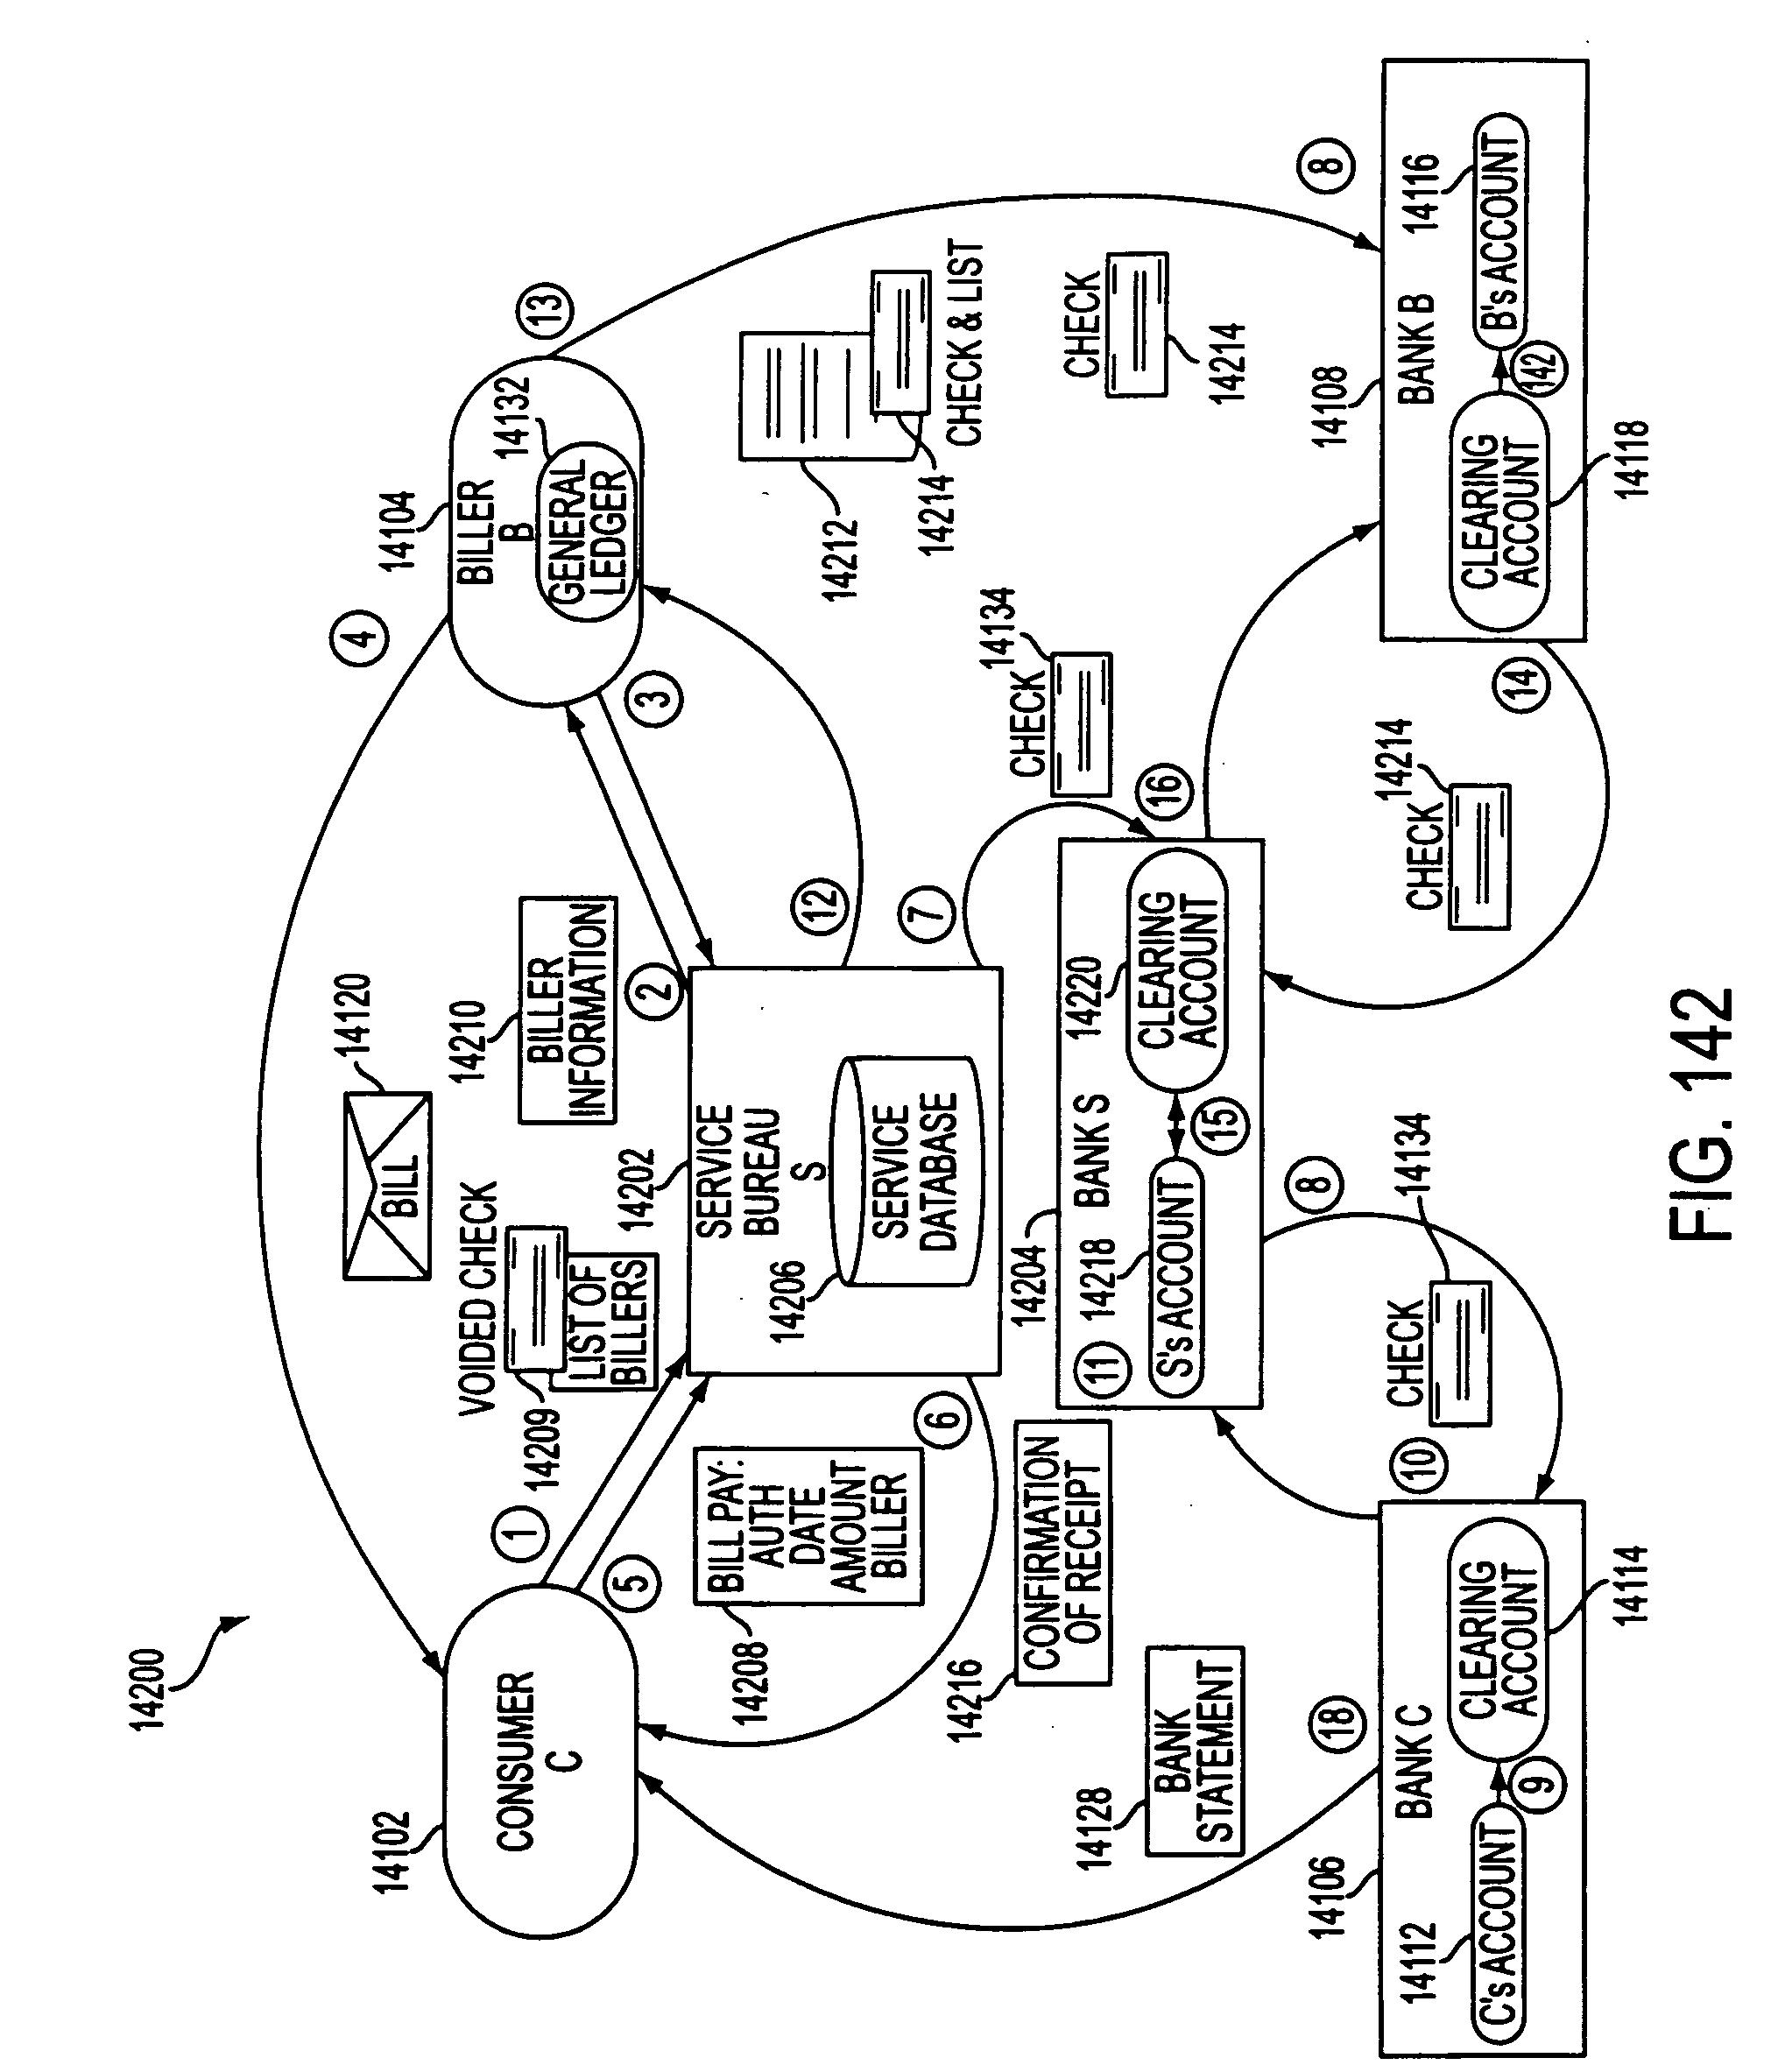 patent us 20040064351a1 Home Coax Diagram patent images